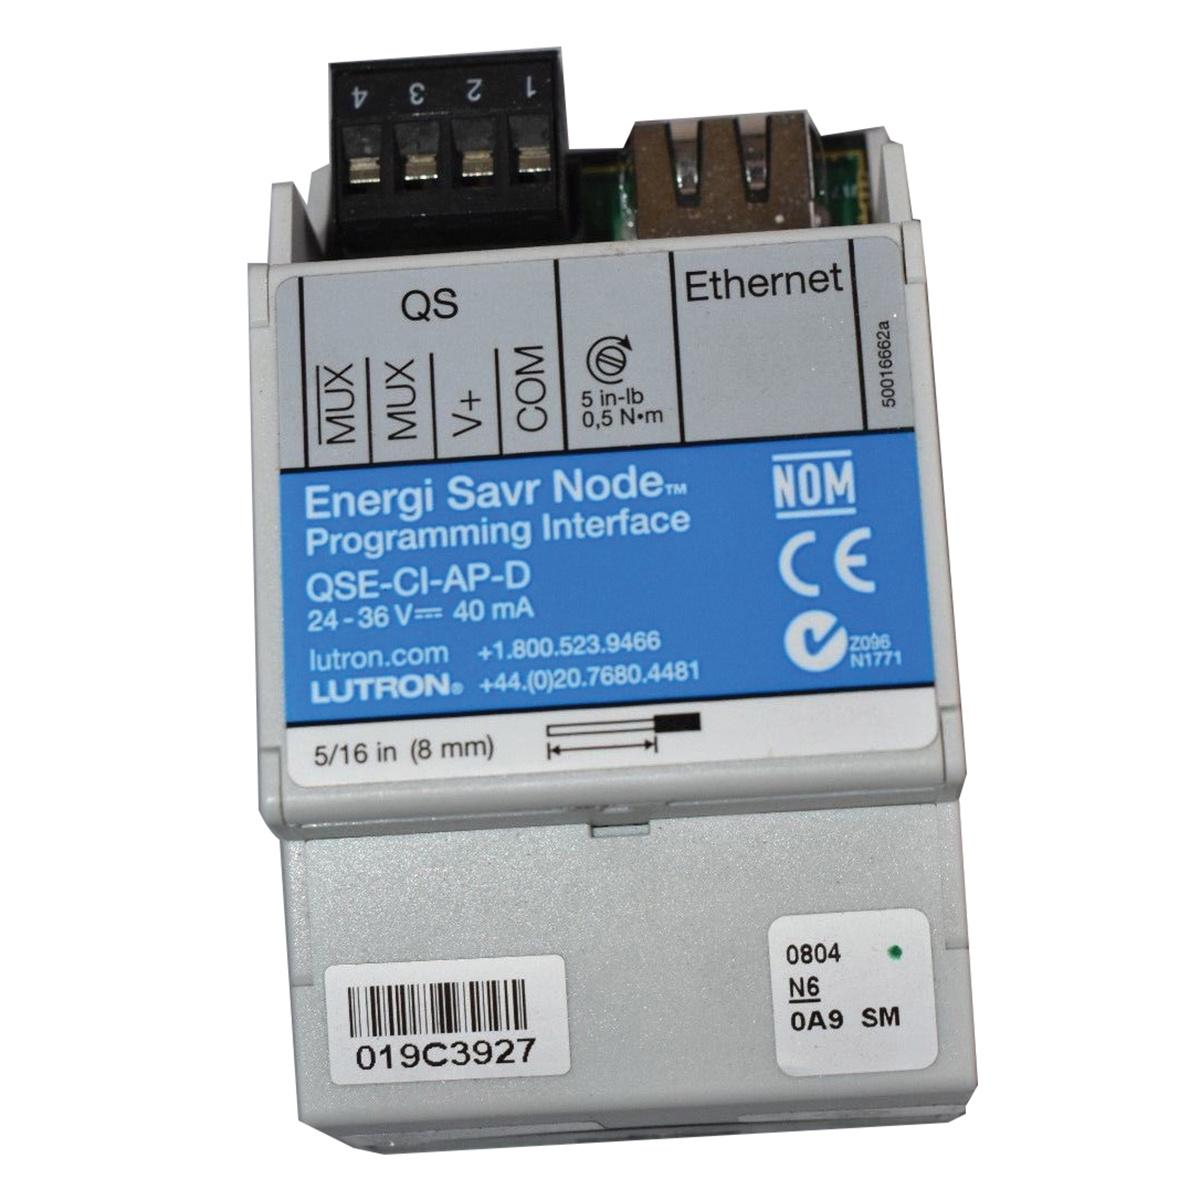 Lutron QSE-CI-AP-D Programming Interface 24 - 36 Volt Ethernet ...